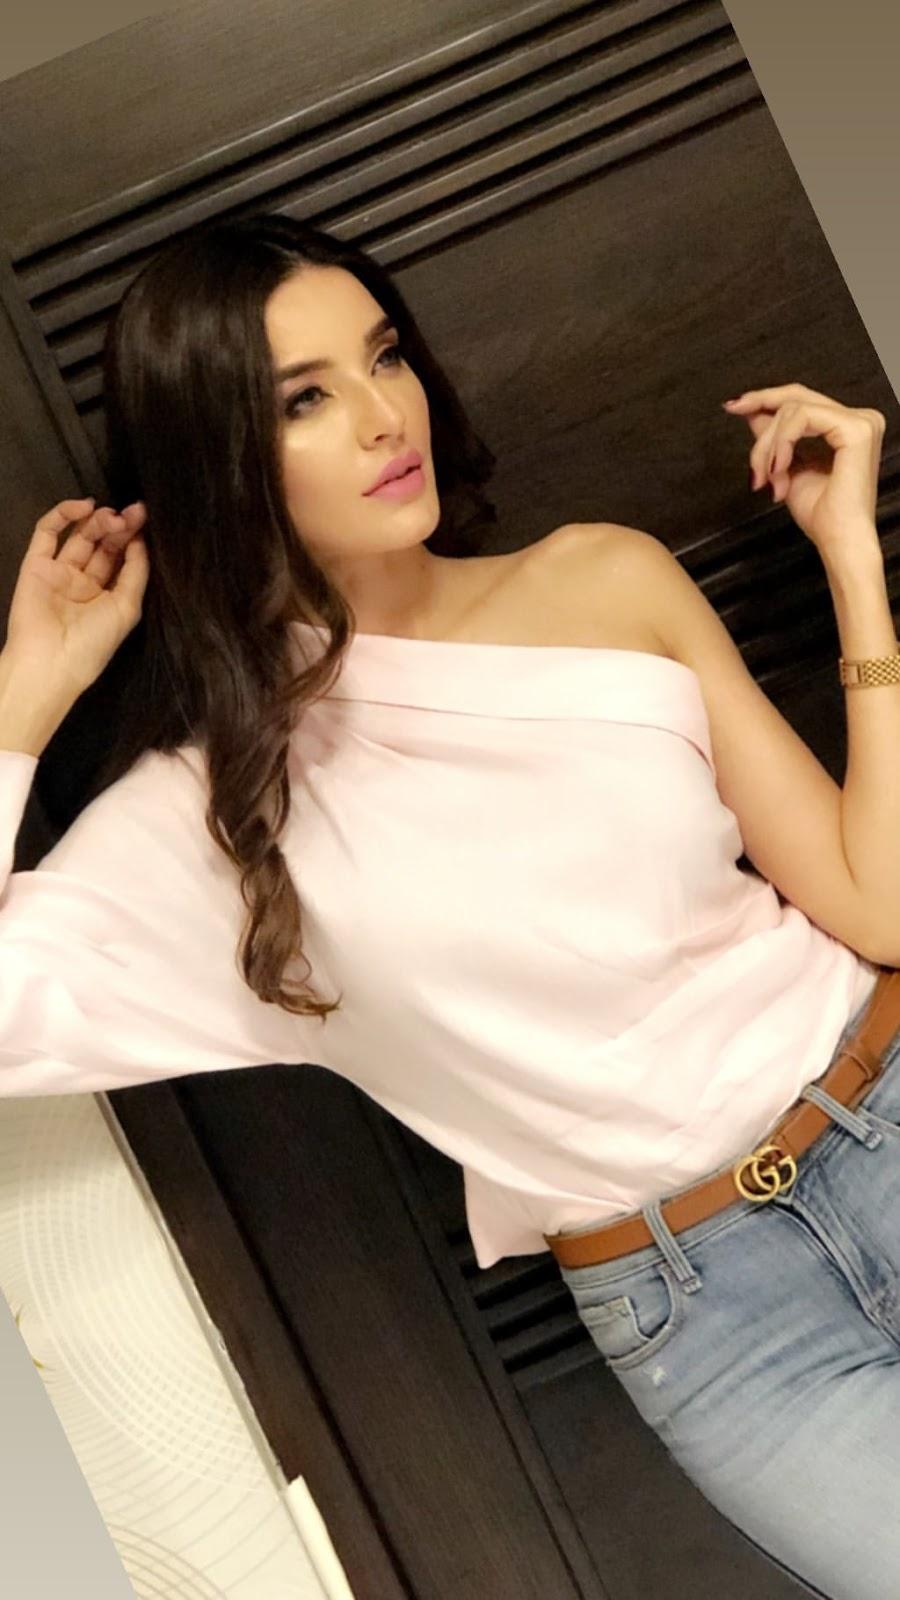 Sadia Khan Wiki